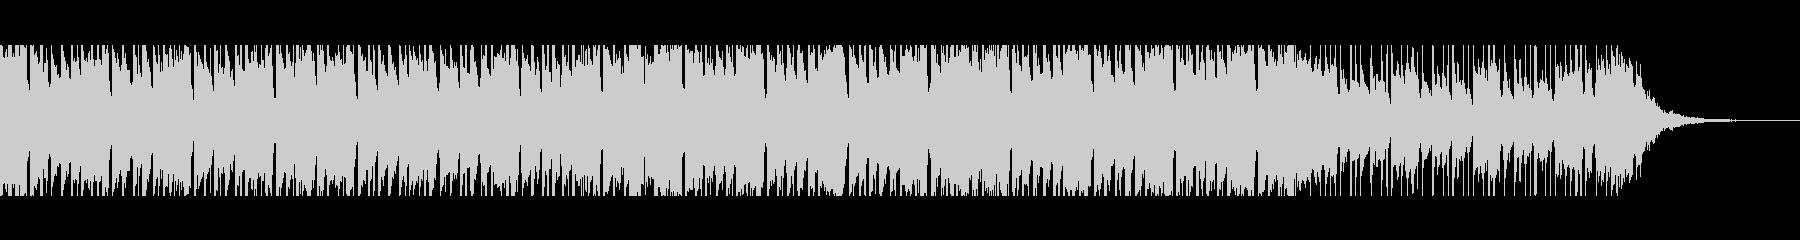 オリエンタル(60秒)の未再生の波形